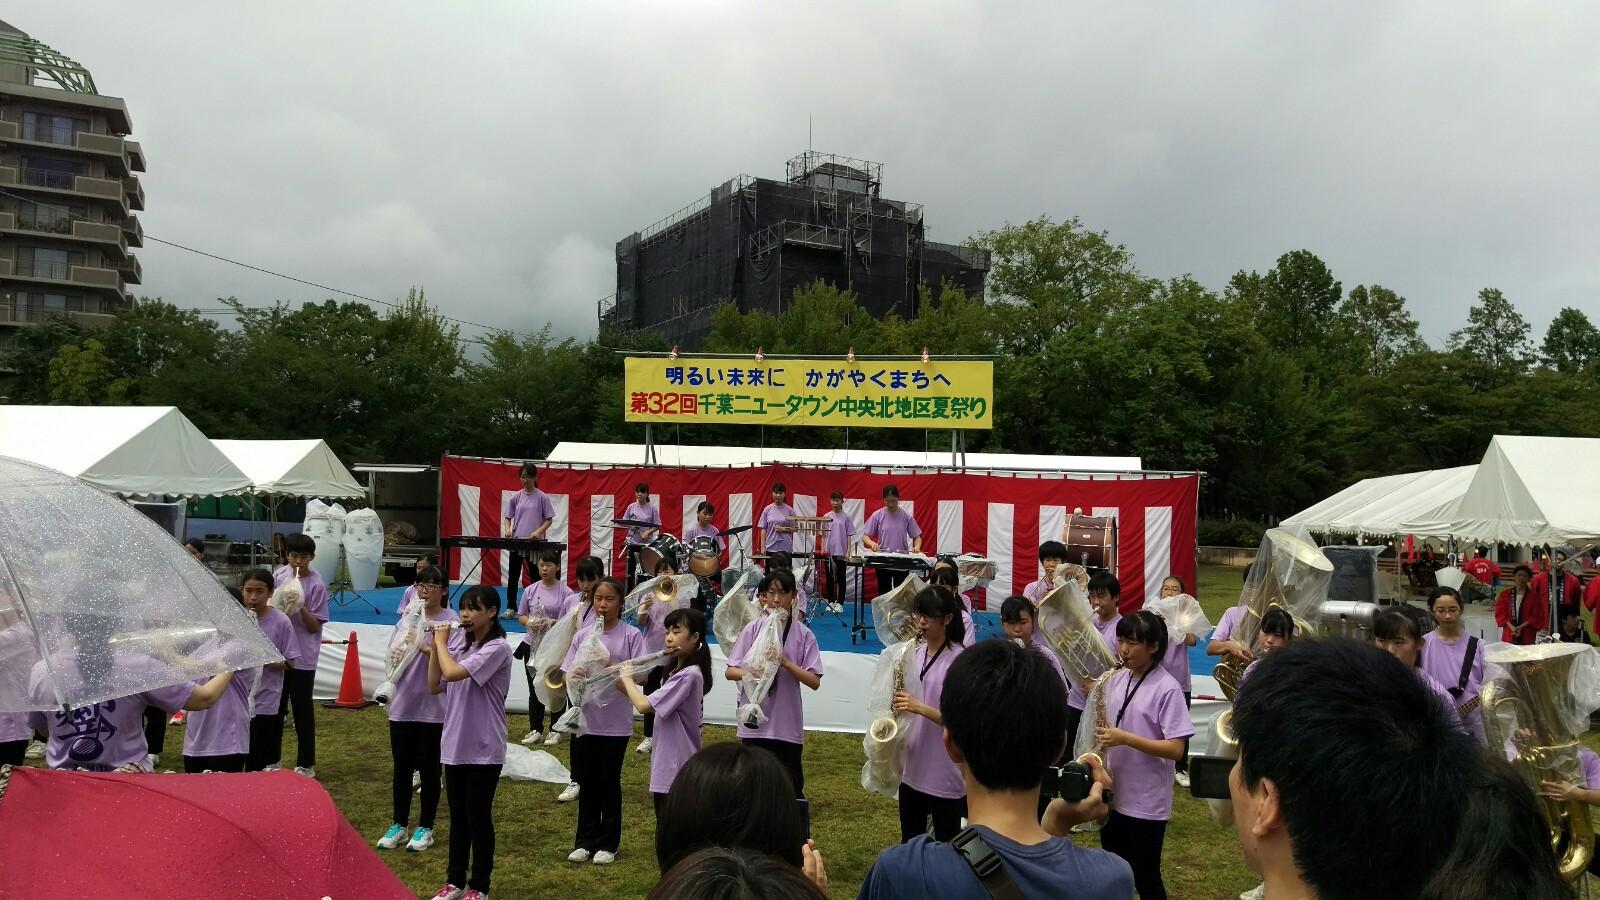 大塚前公園の夏祭り2016(第32回千葉ニュータウン中央北地区夏祭り) 小室夏祭り情報もあり